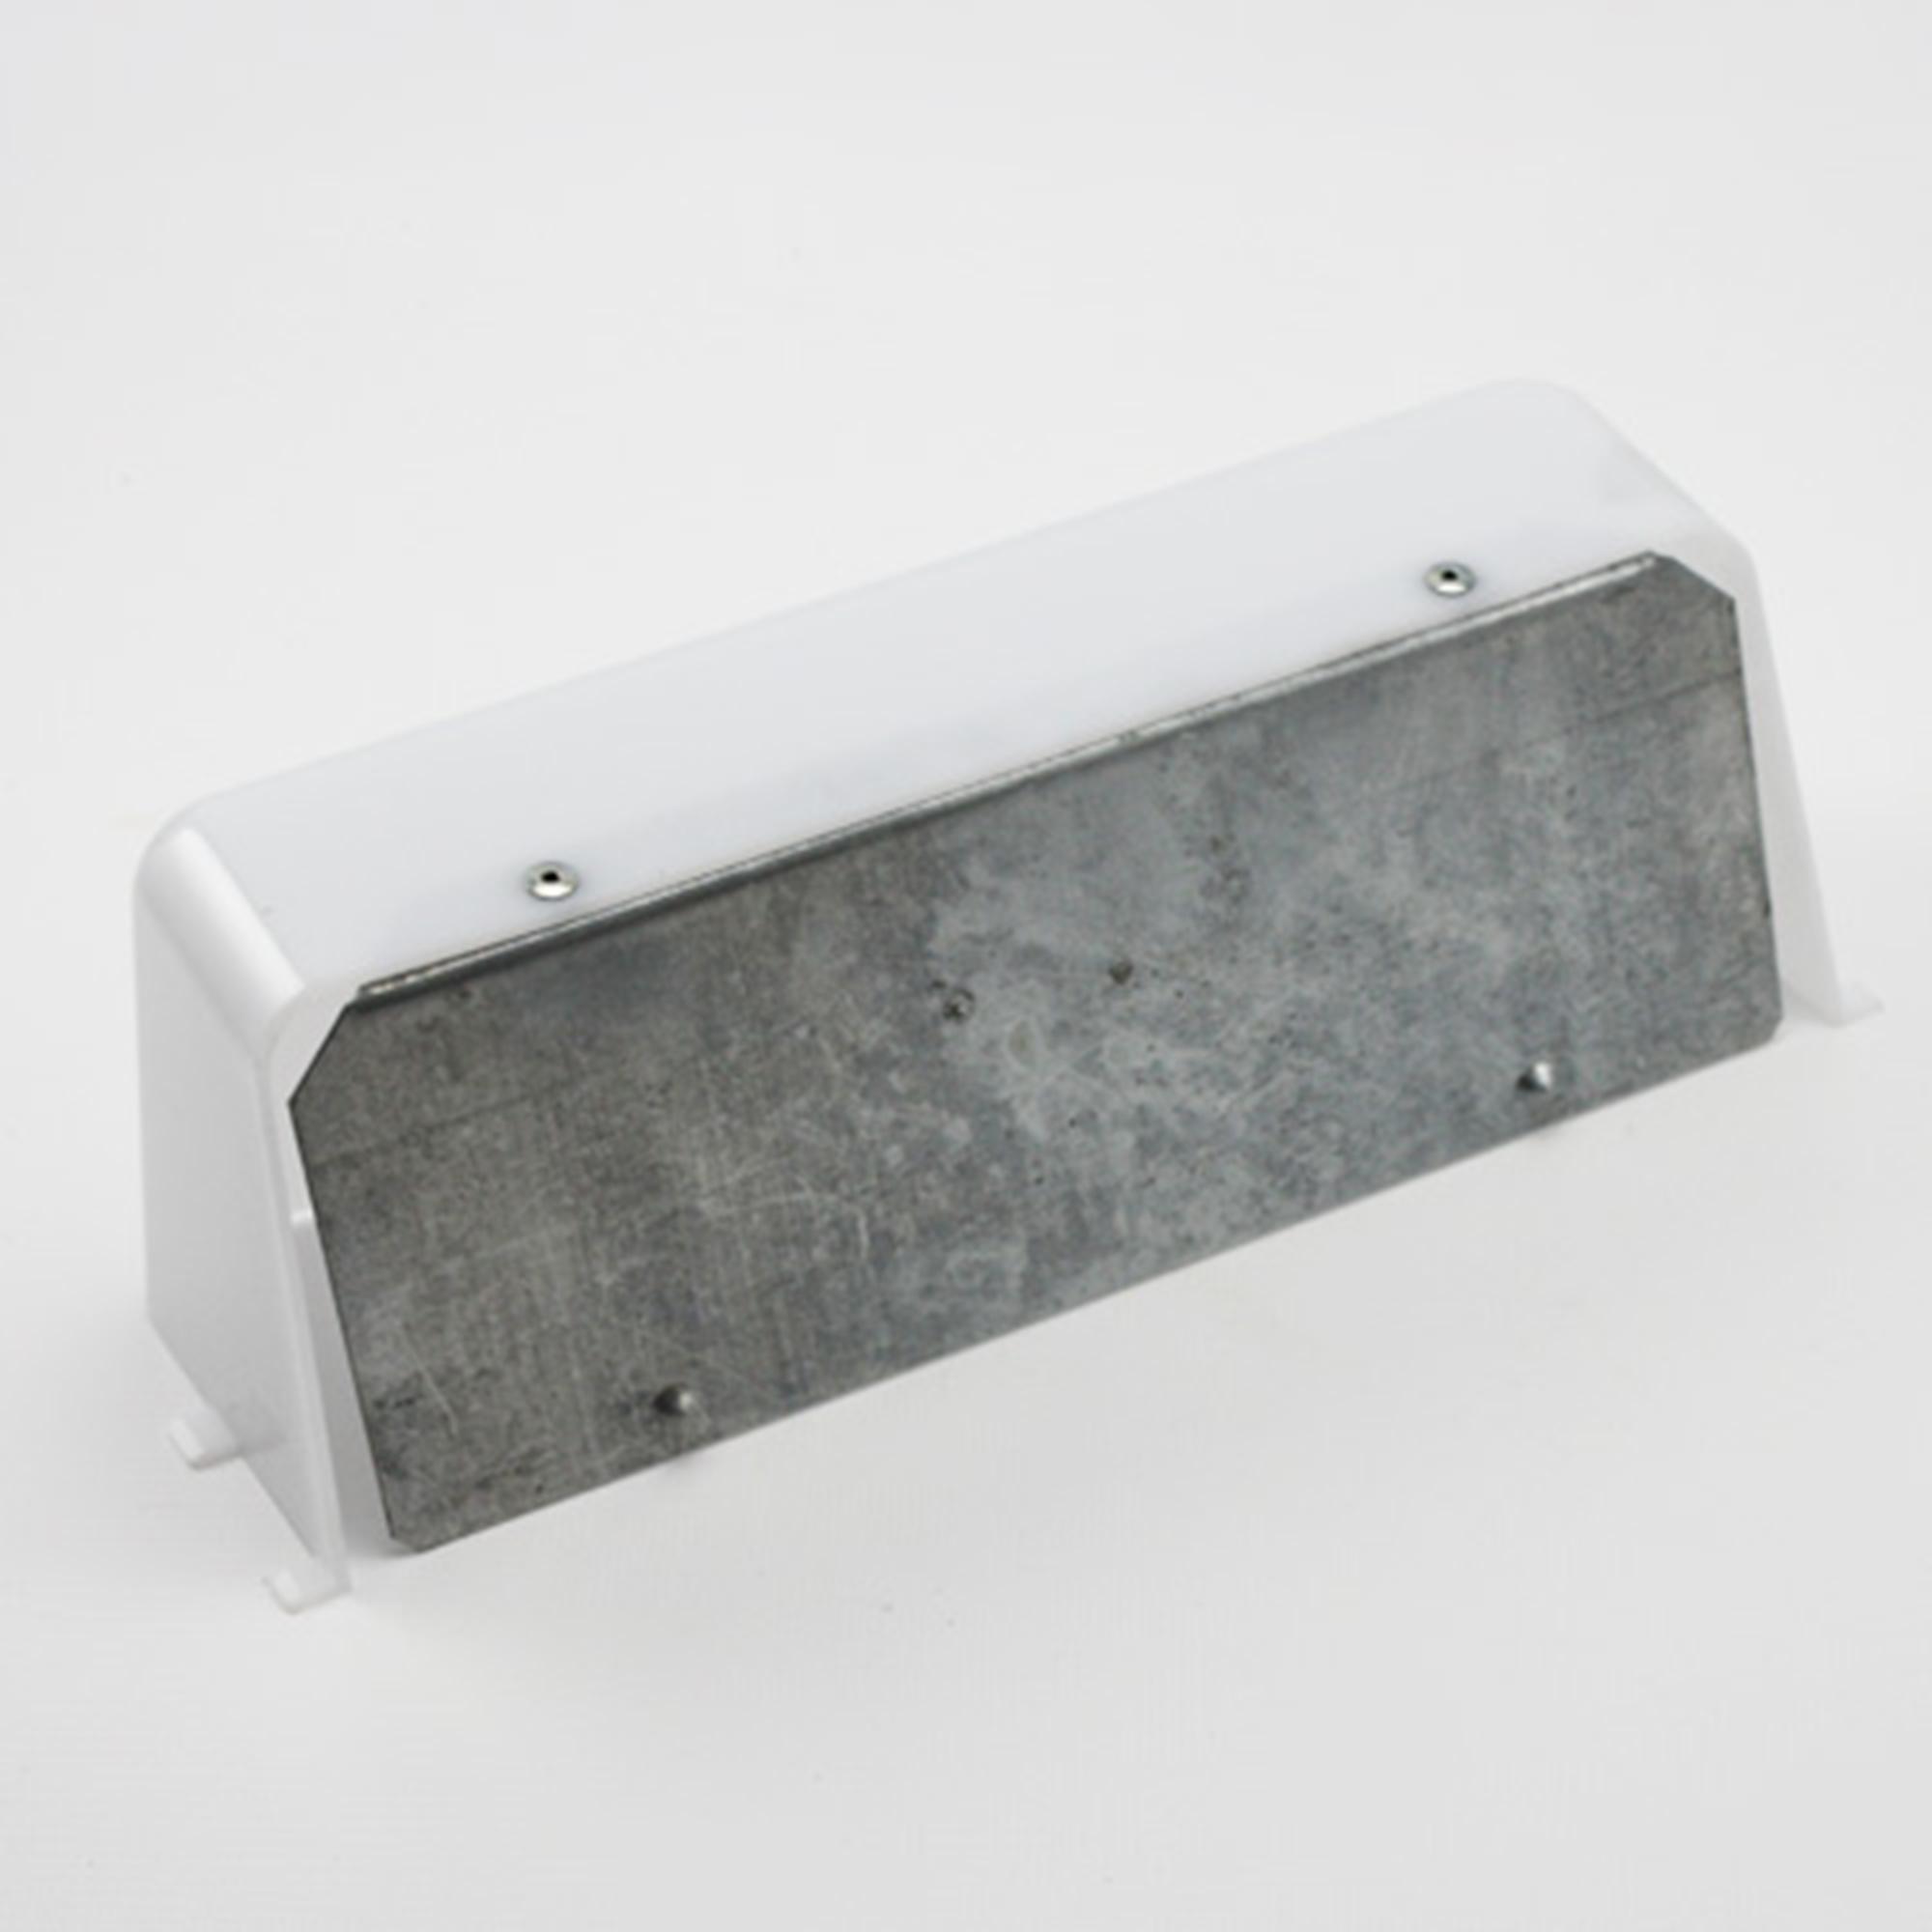 Sntk7504000 broan range vent hood light bulb cover ebay for Broan vent a hood